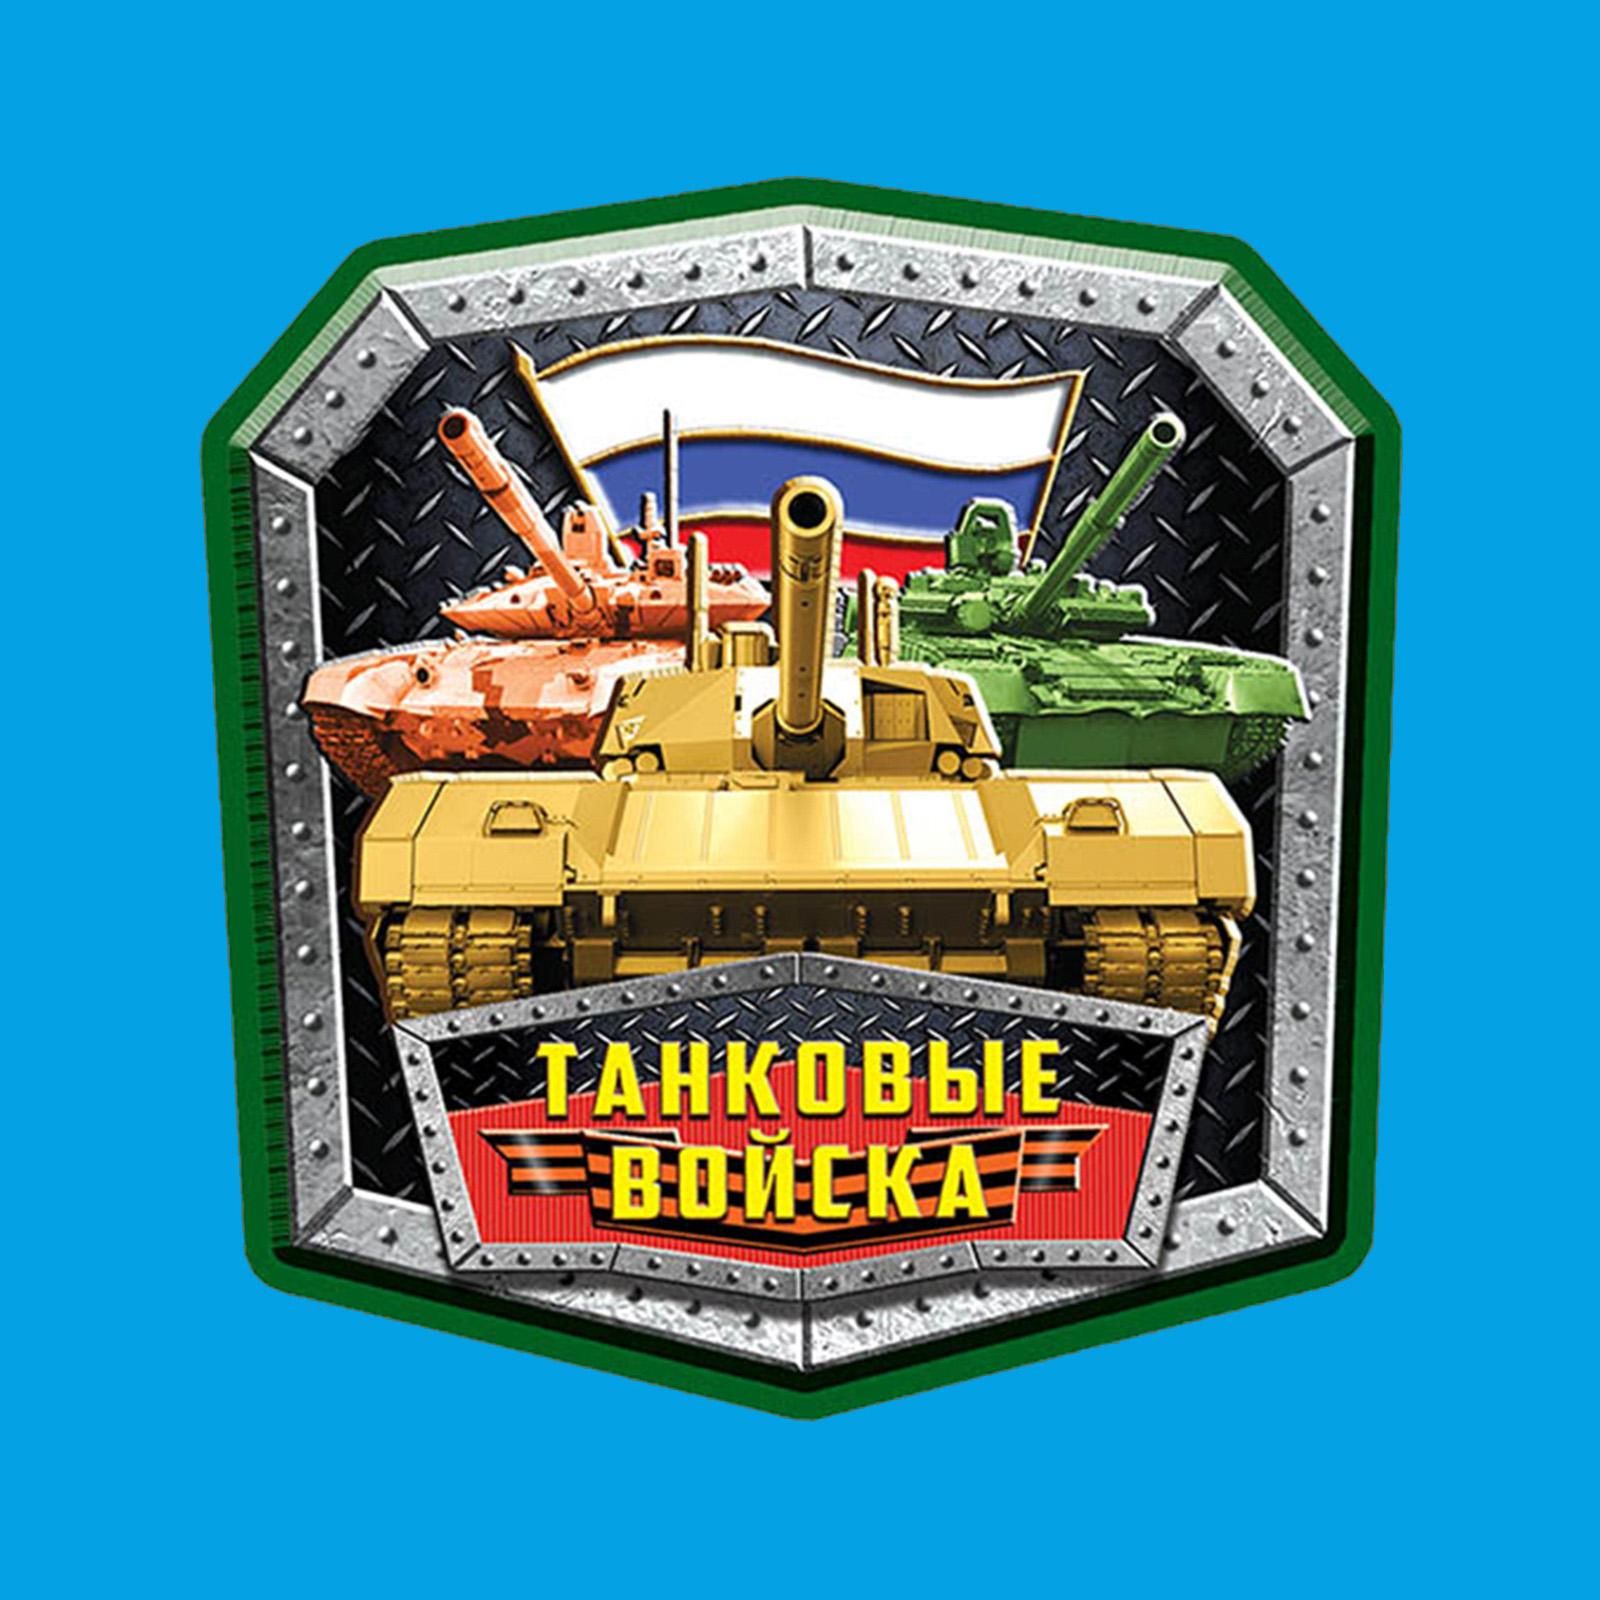 Купить голубую лаконичную кепку-пятипанельку с термонаклейкой Танковые Войска оптом выгодно